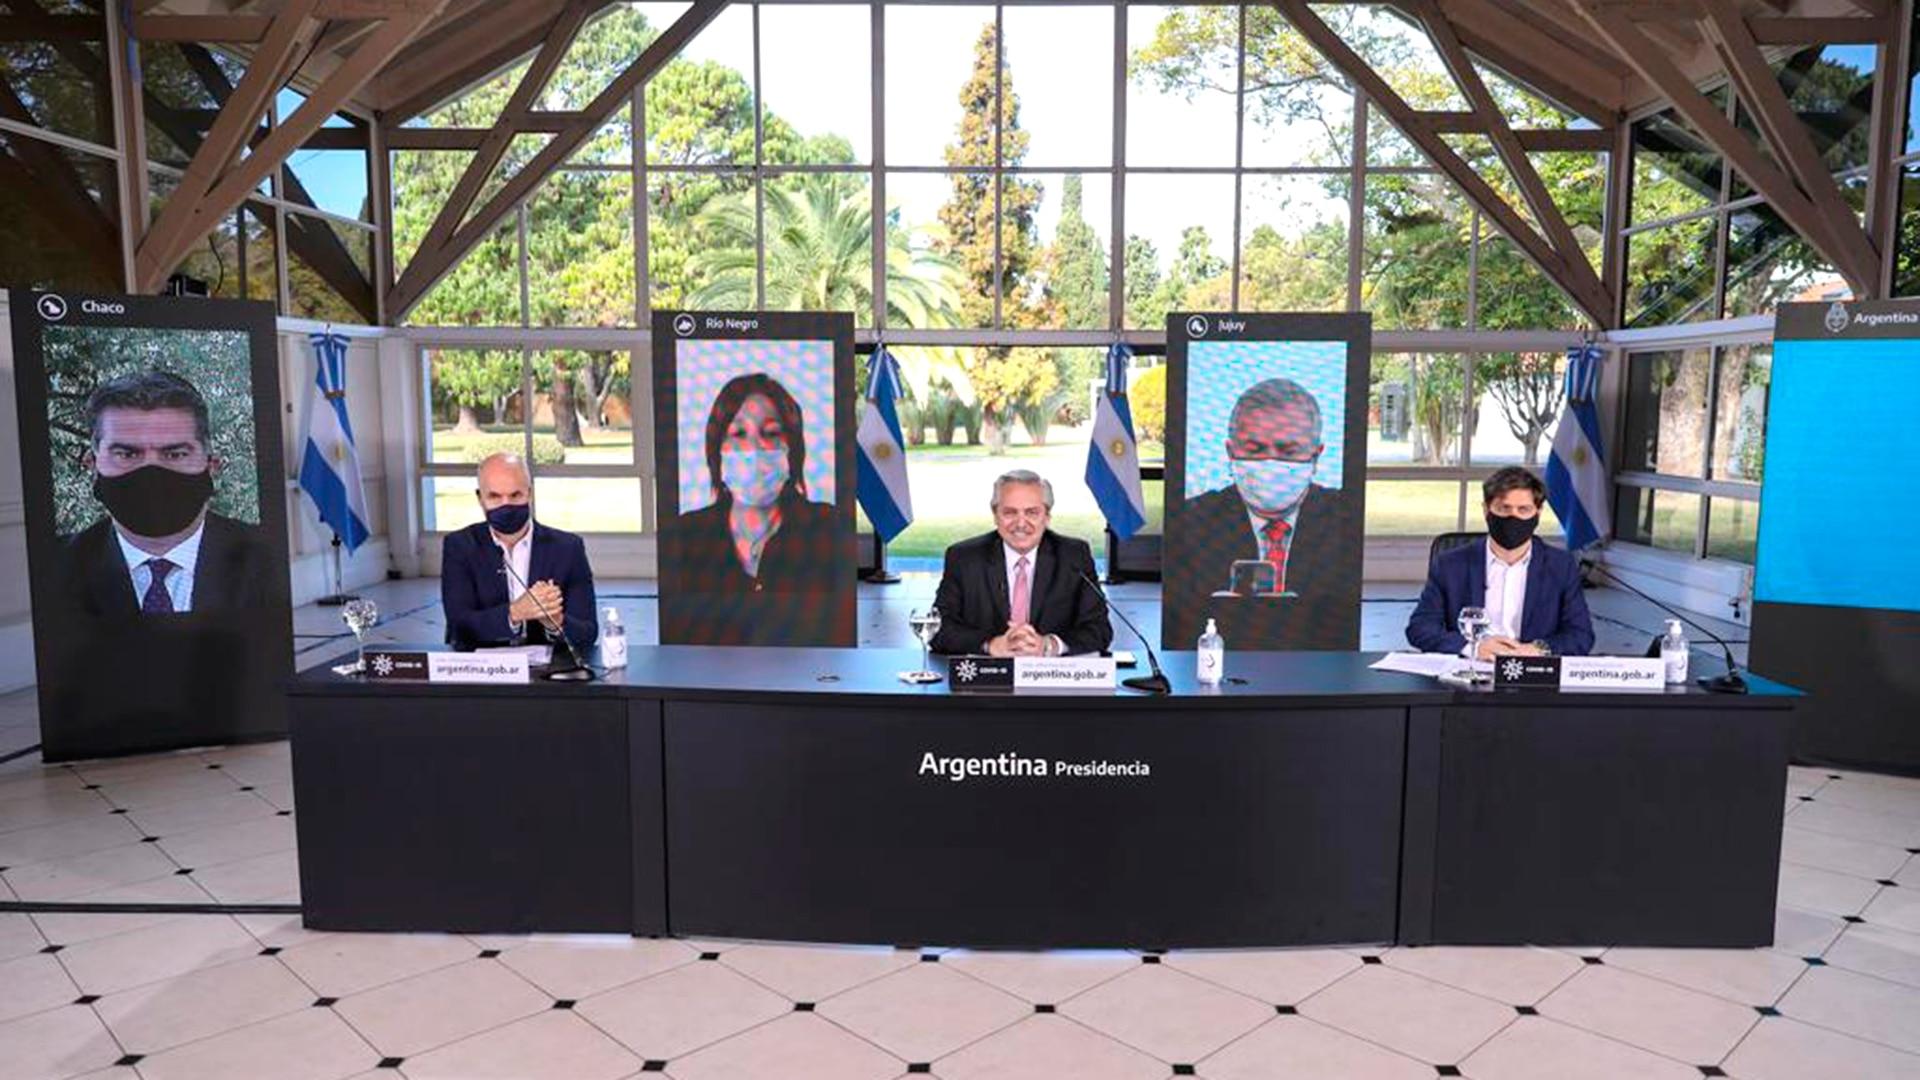 Tras el anuncio de la nueva cuarentena, Alberto Fernández busca retomar la iniciativa, armar un plan post pandemia y diferenciarse del núcleo duro K - Infobae